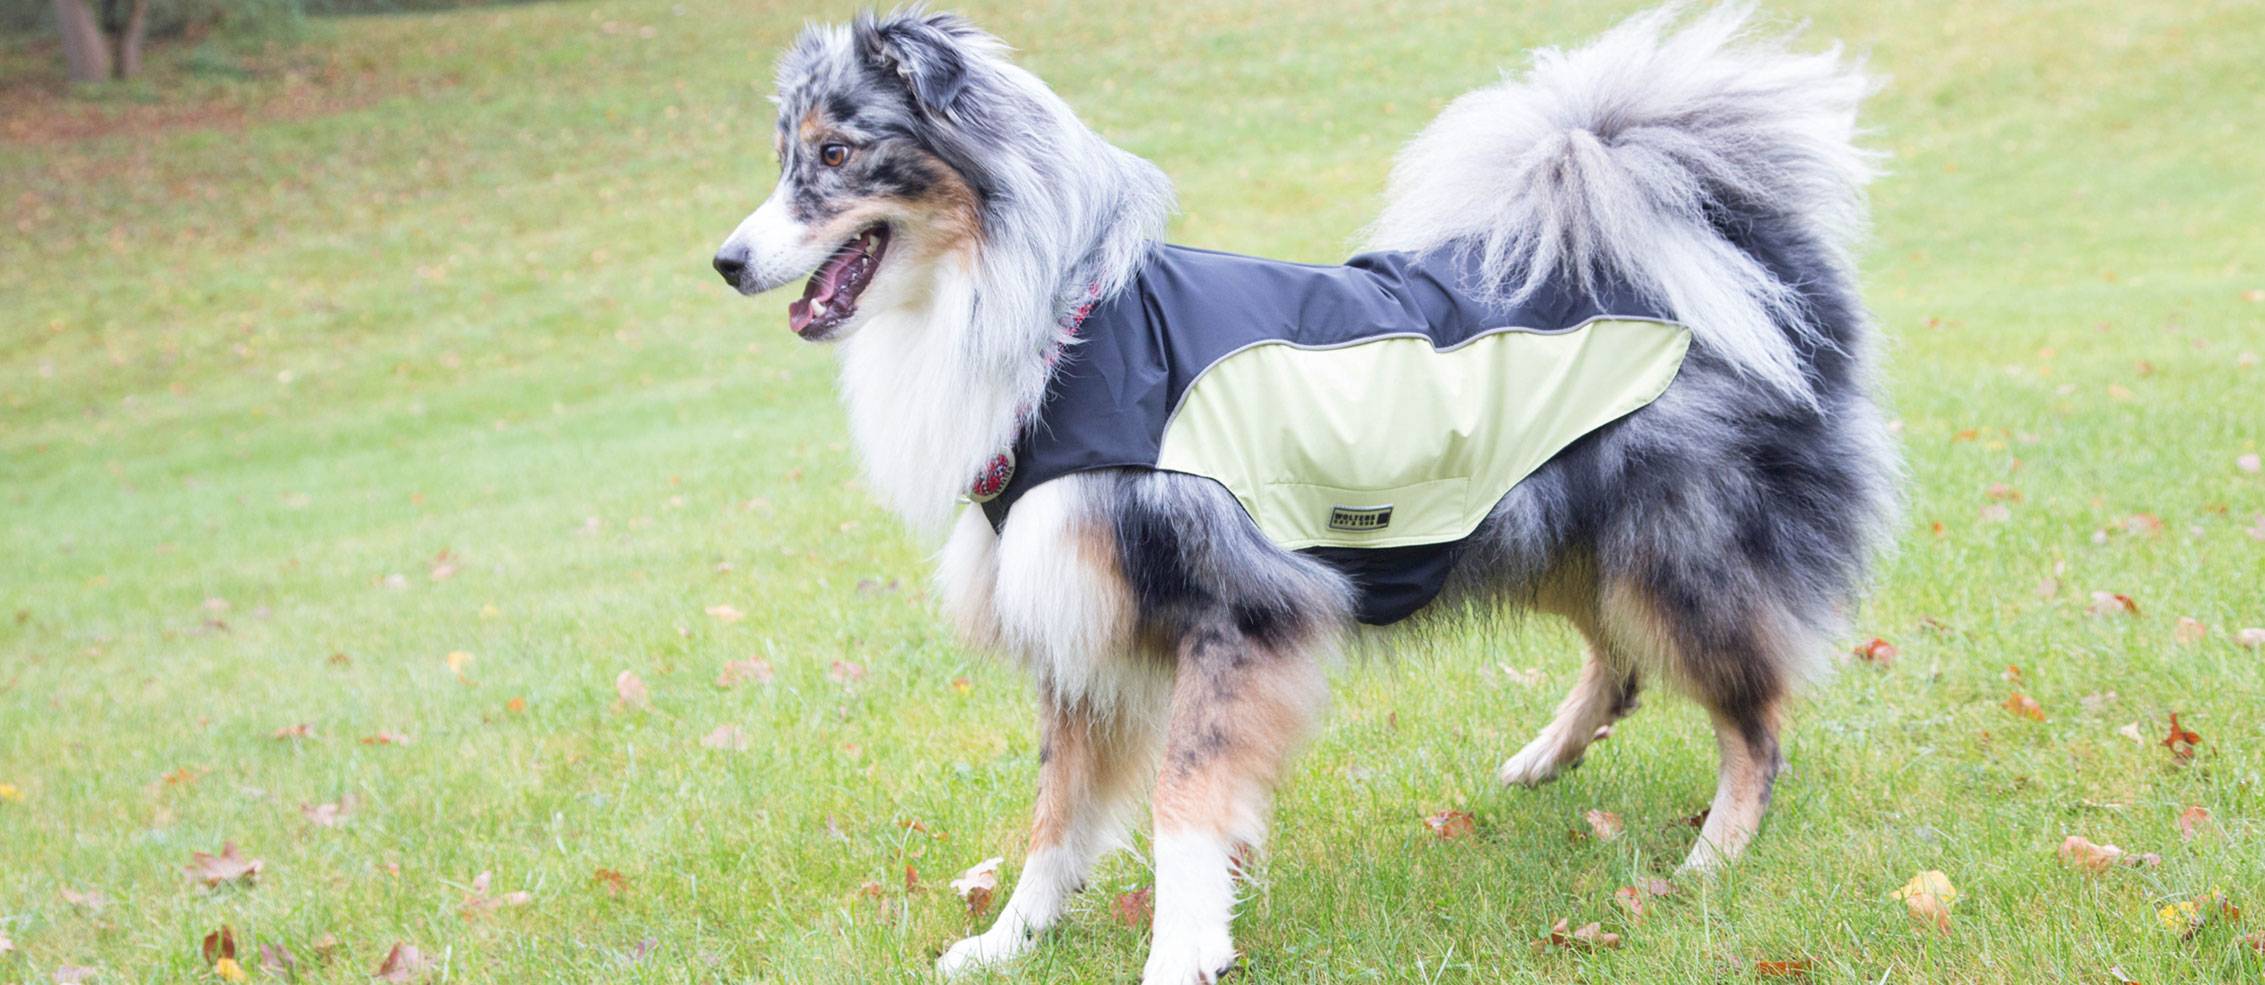 Wolters Hundemäntel Hundebekleidung Online Shop, Bild 2